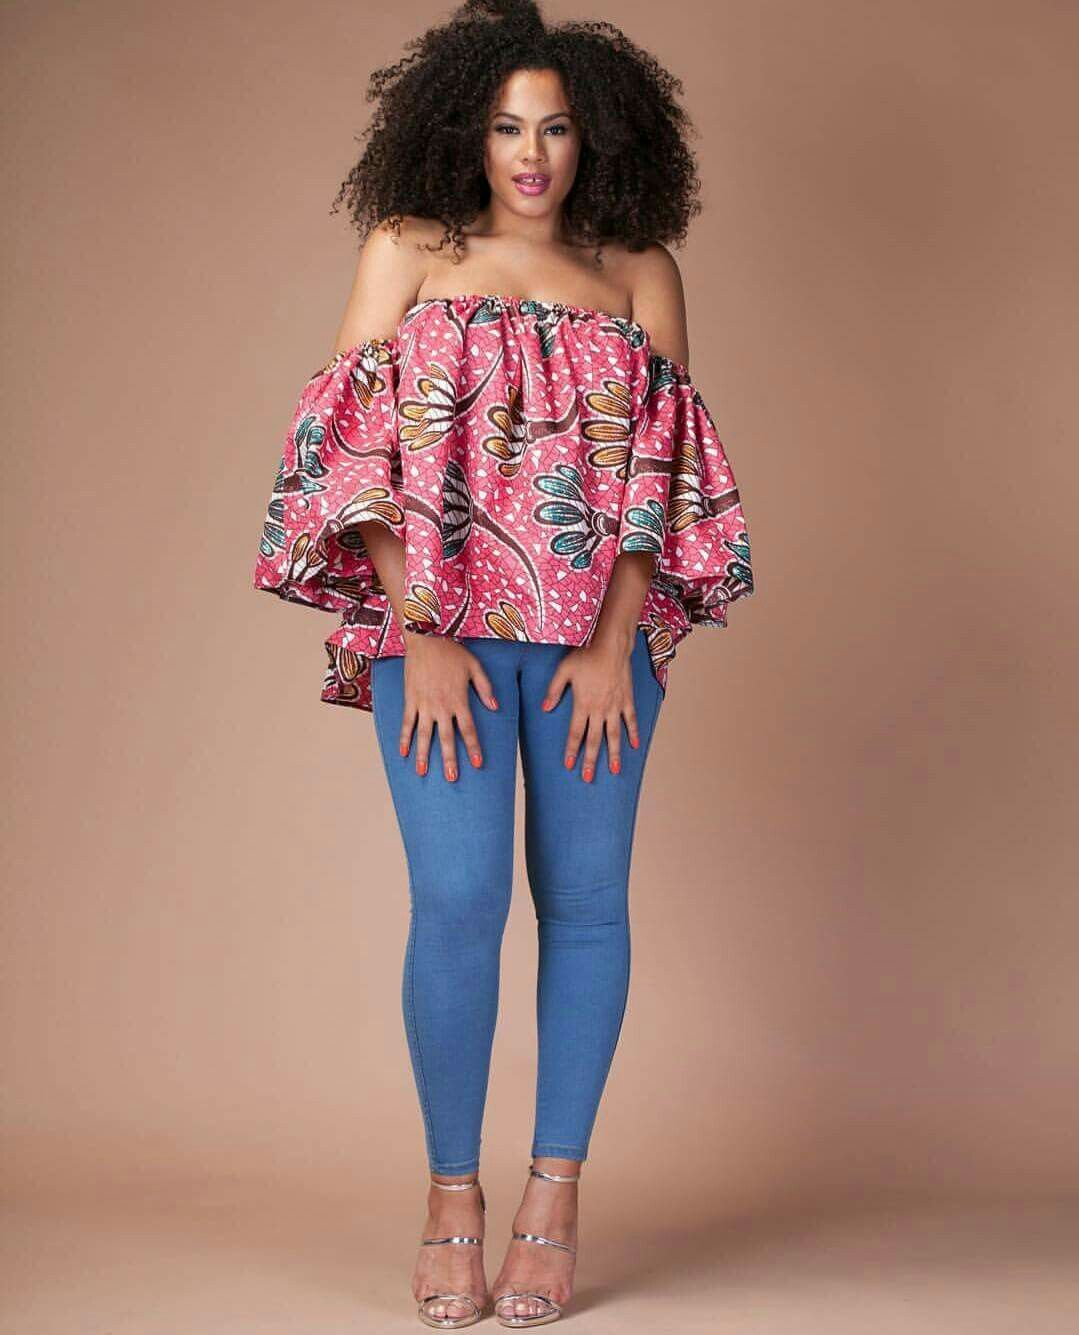 Pin von Scrumptious Couture auf The Origin of Beauty | Pinterest ...